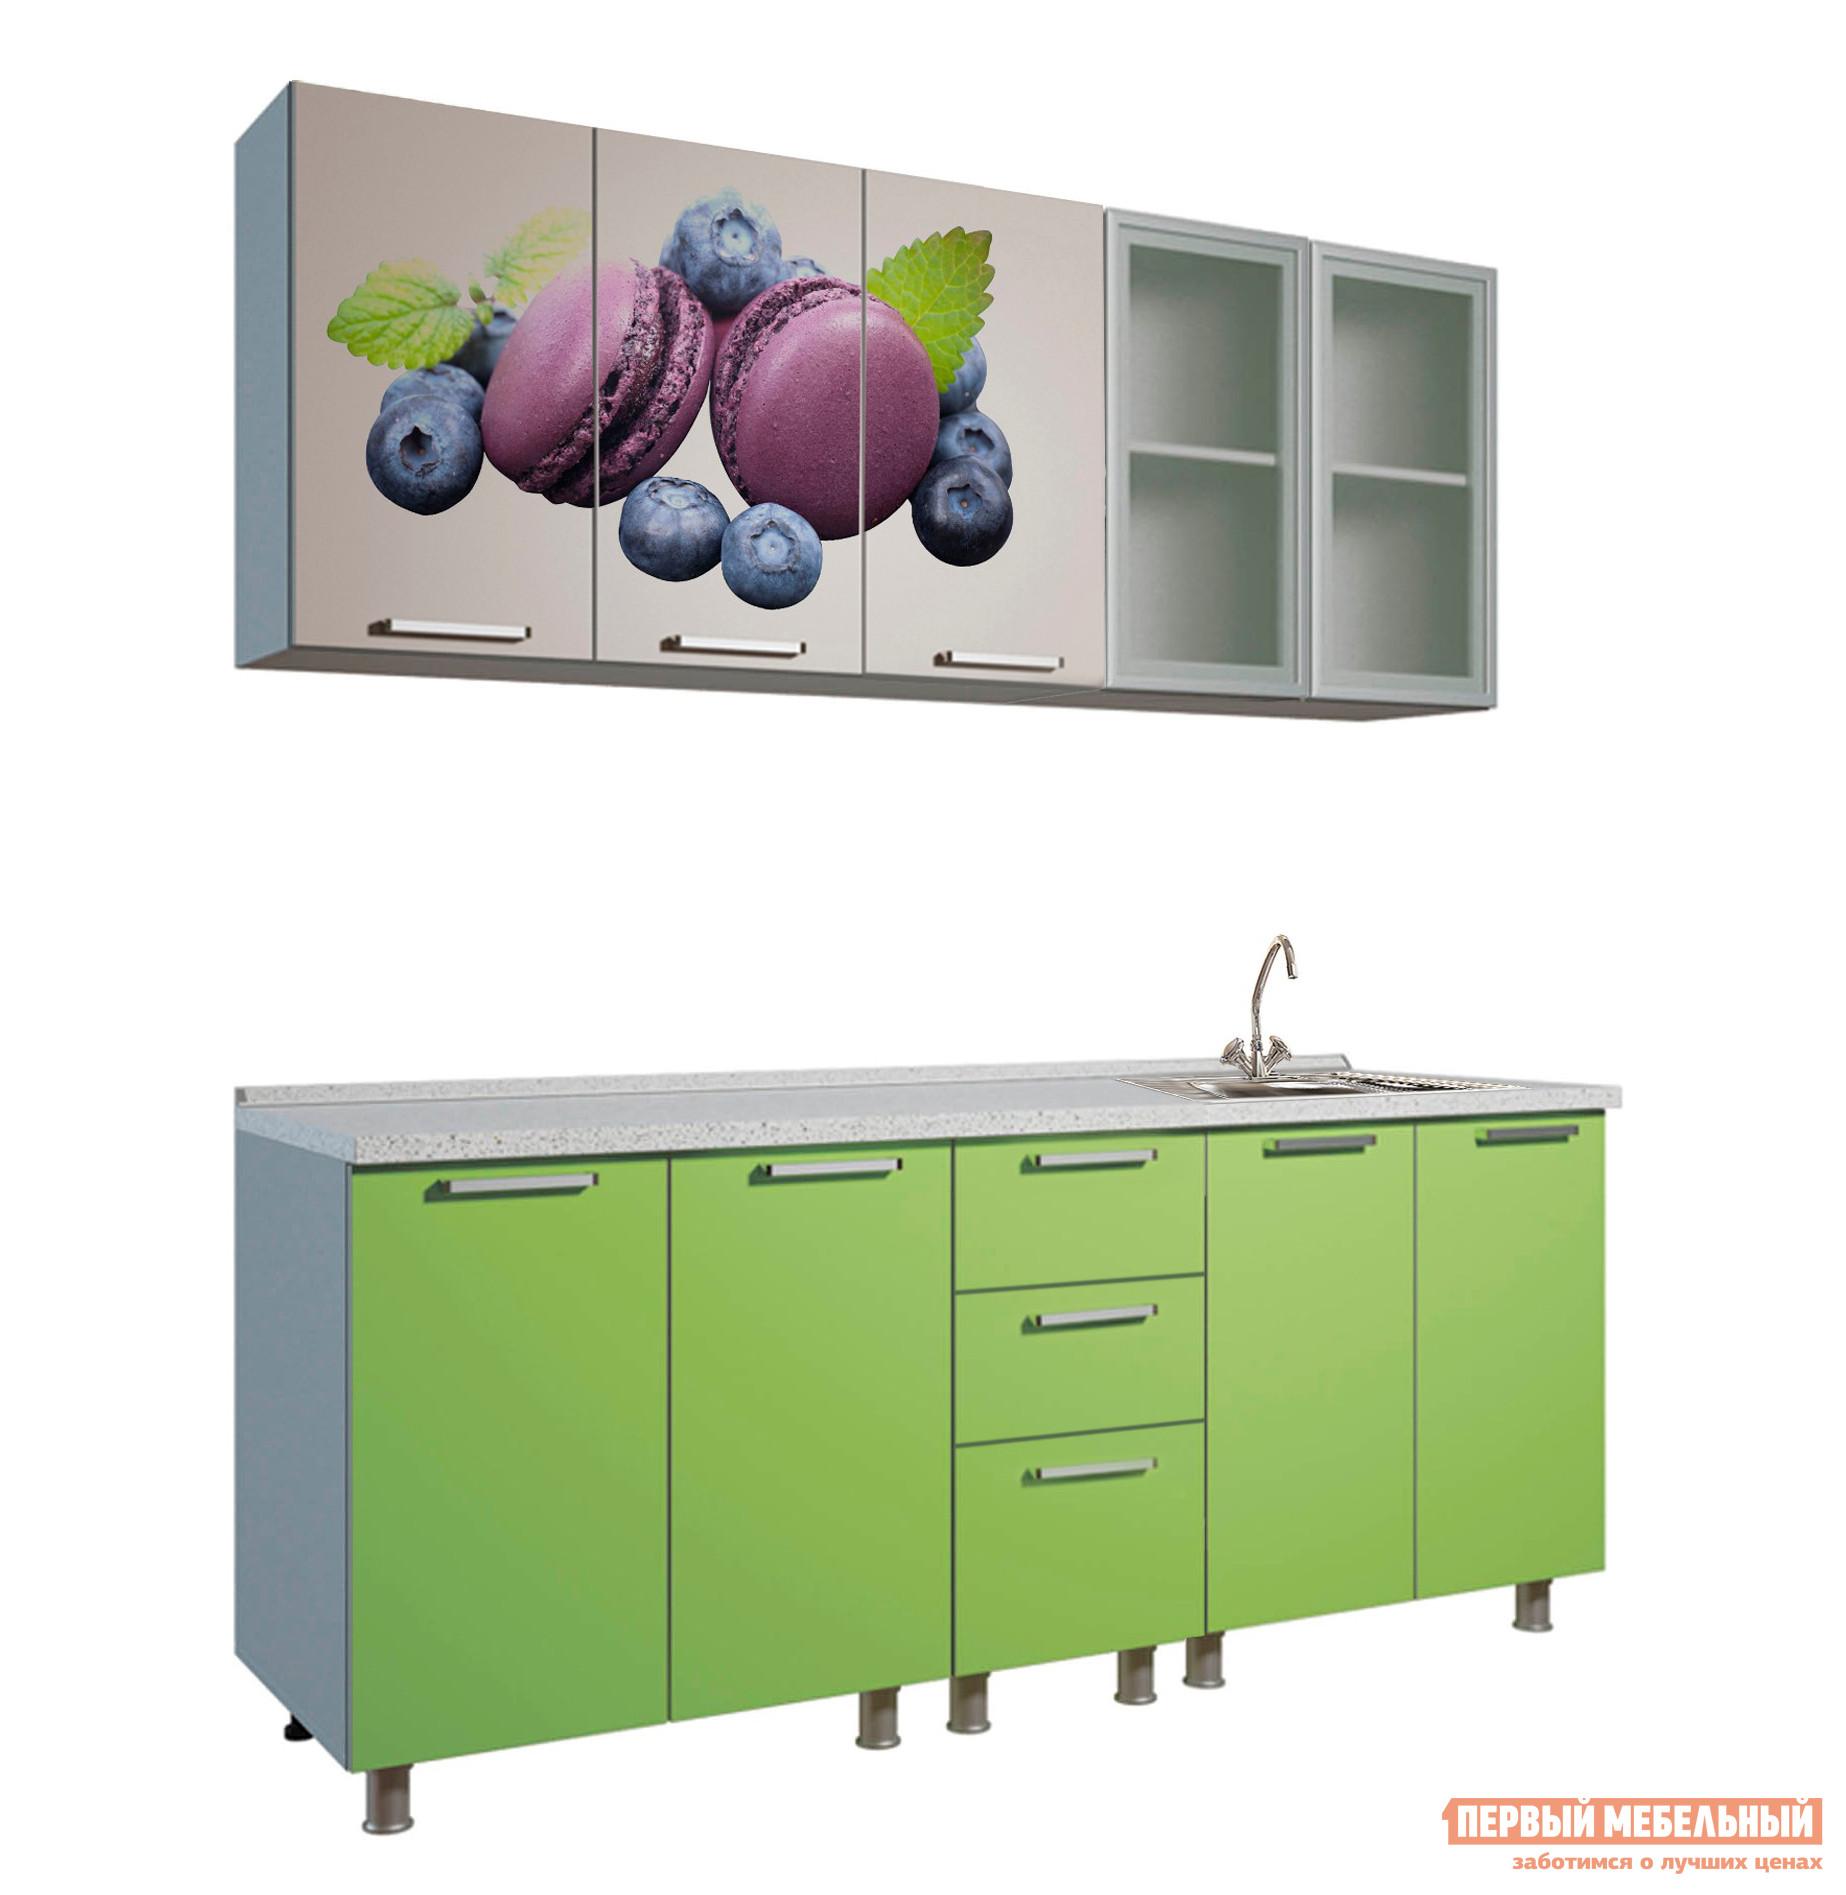 Кухонный гарнитур Первый Мебельный Макарони 200 см кухонный гарнитур трия оливия 240 см